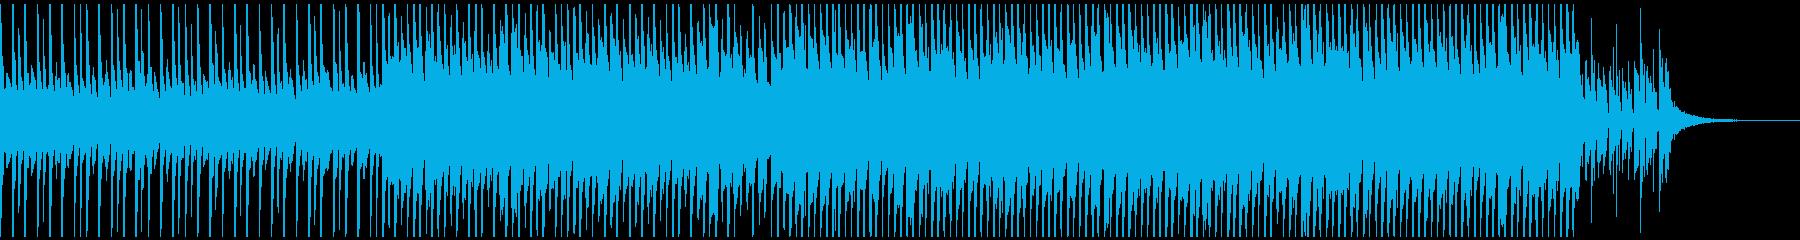 ハッピーアップリフティング(中)の再生済みの波形